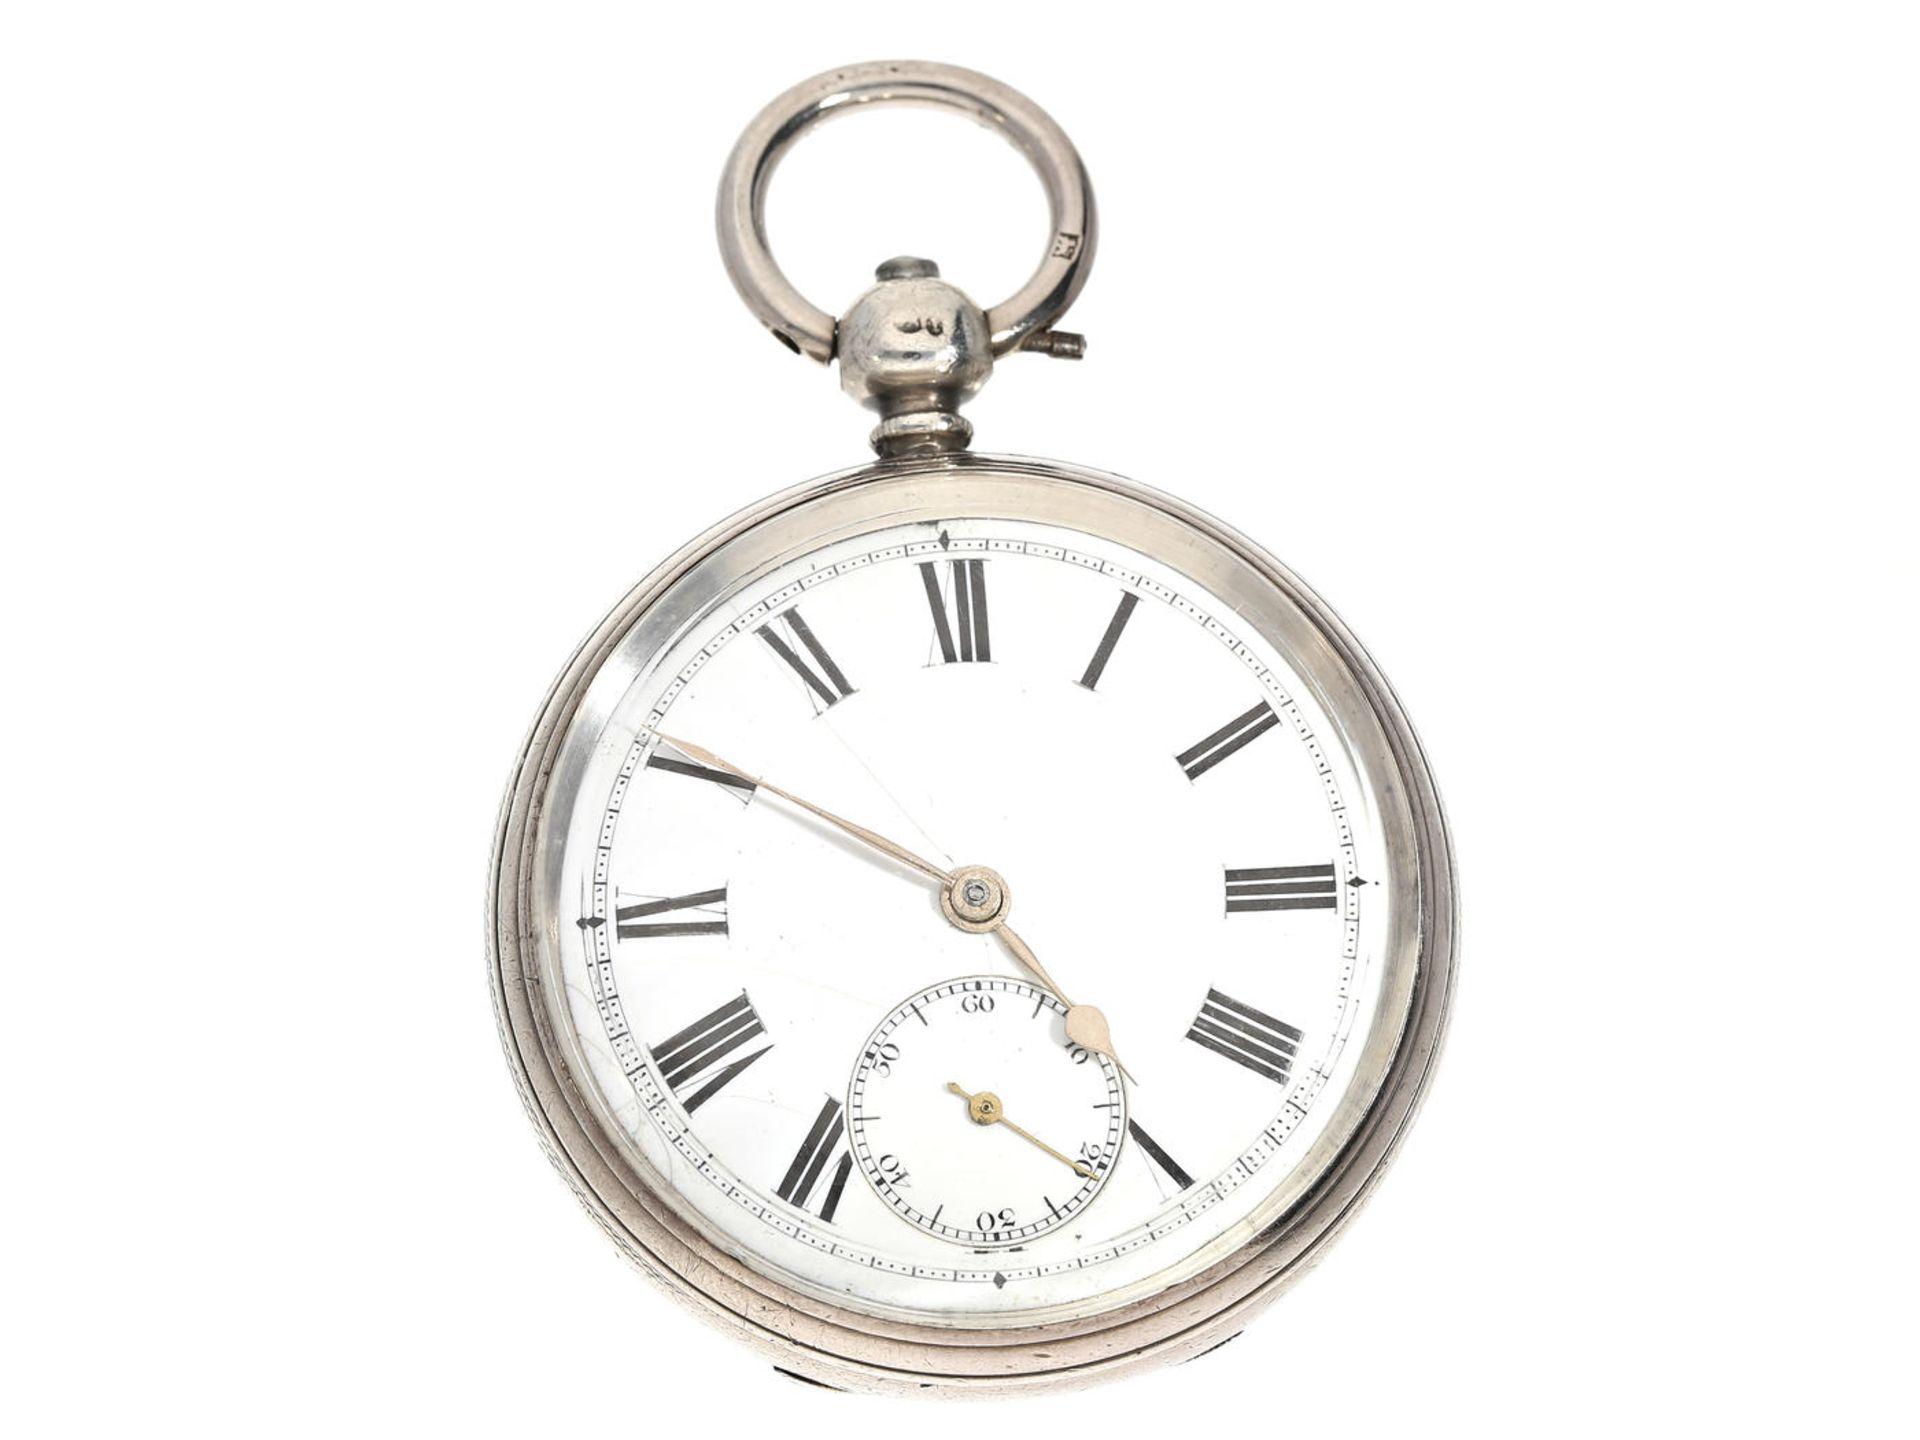 Taschenuhr: englische Taschenuhr mit Kette und Schnecke, Hallmarks 1865 Ca. Ø51mm, ca. 118g,